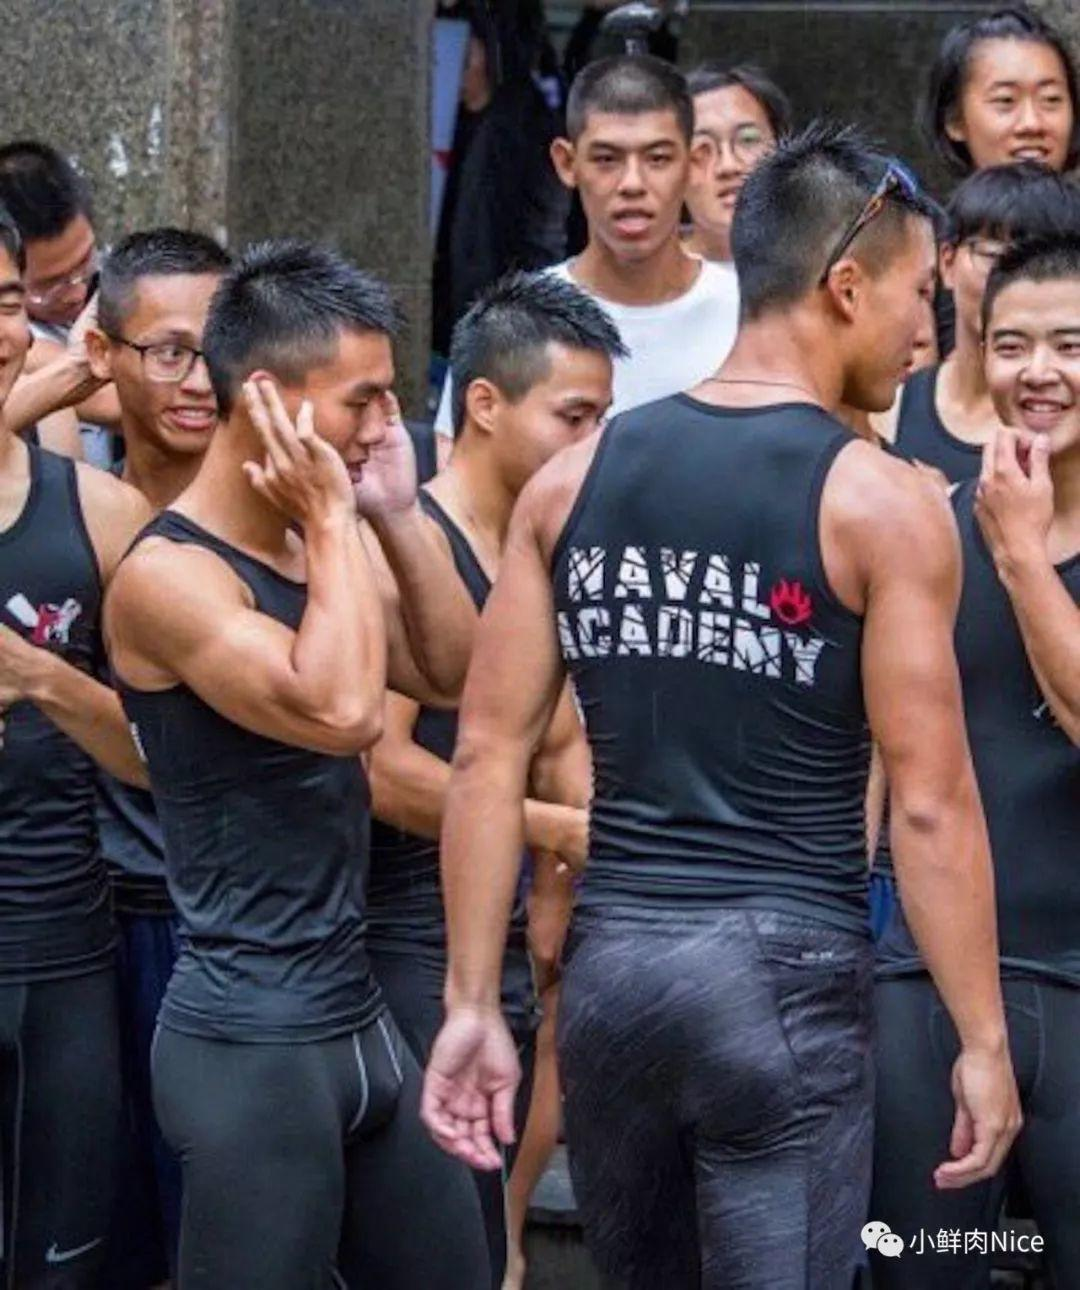 海军学生挂空挡集训,现场意外变叮当猫基地